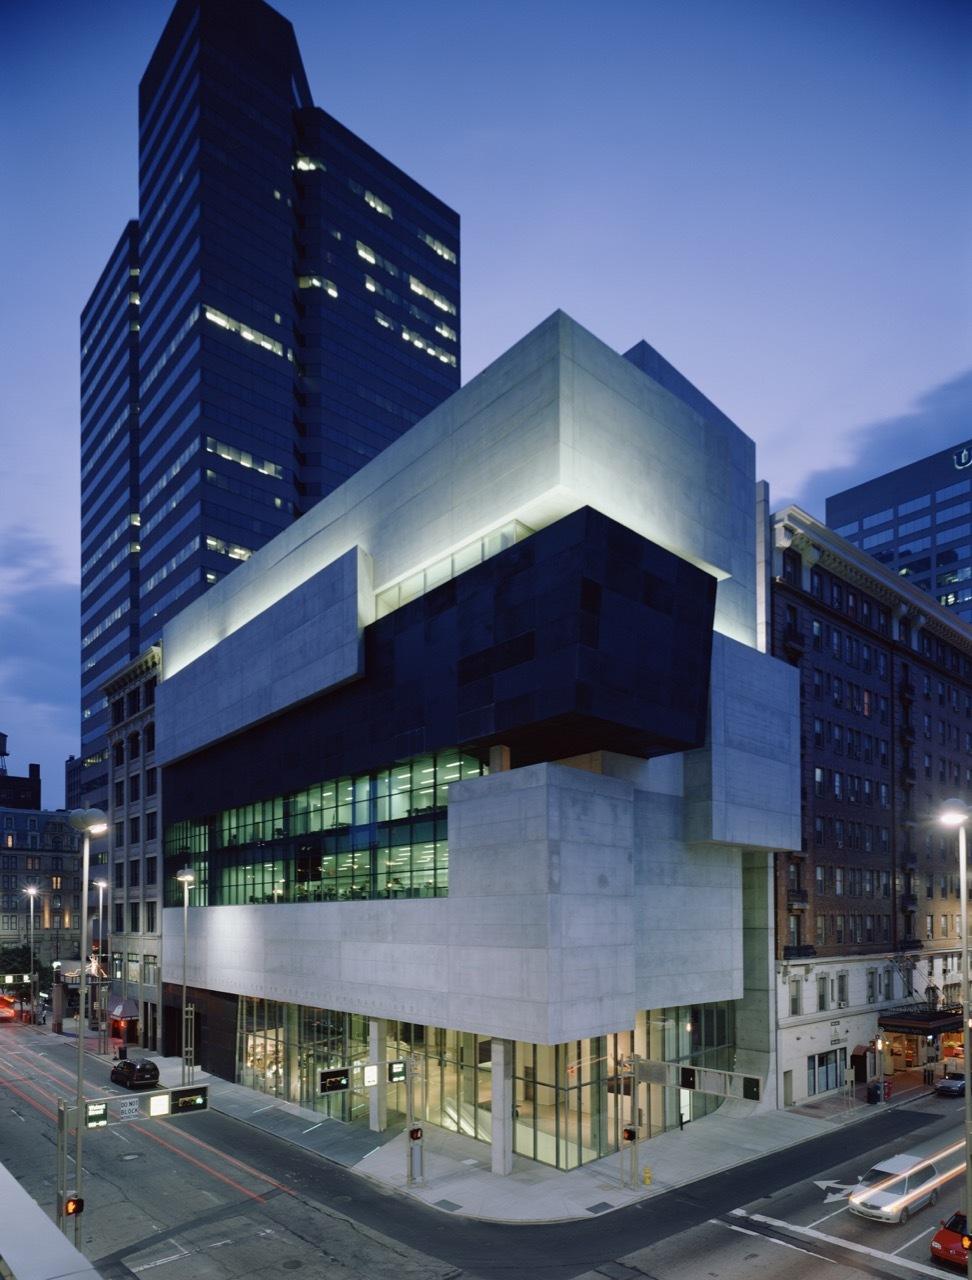 Contemporary Arts Center   44 E. 6th St. Cincinnati, OH 45202  Free admission